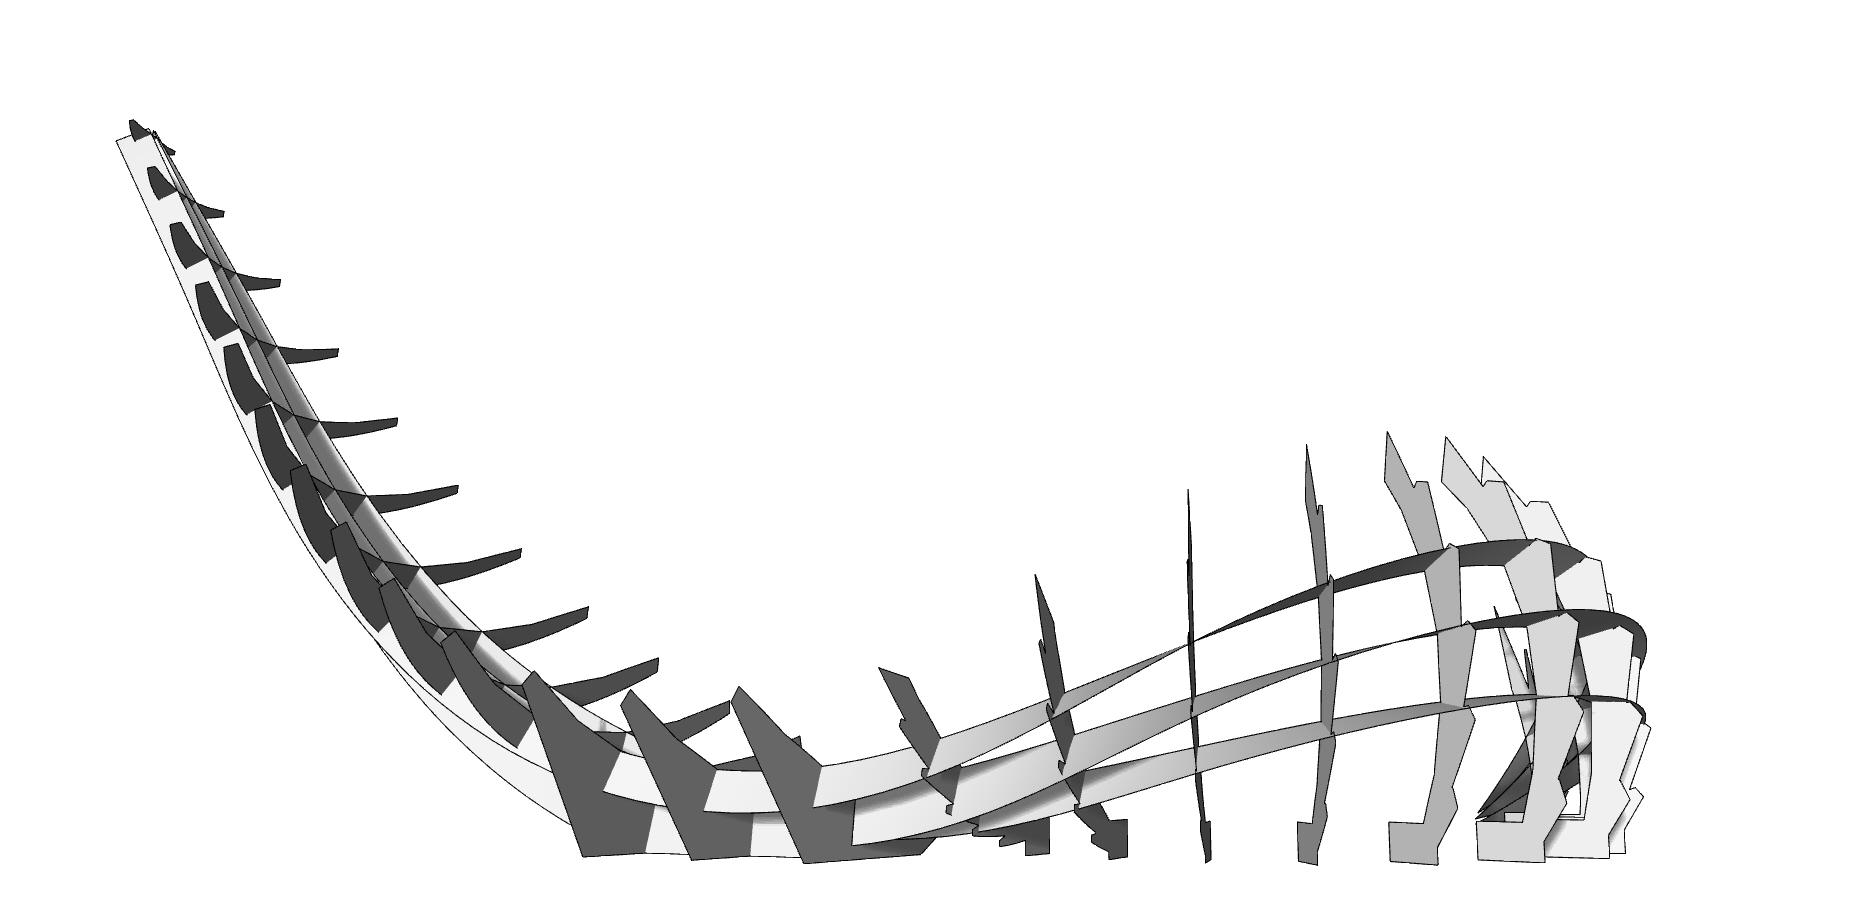 1853x923 Shipwreck